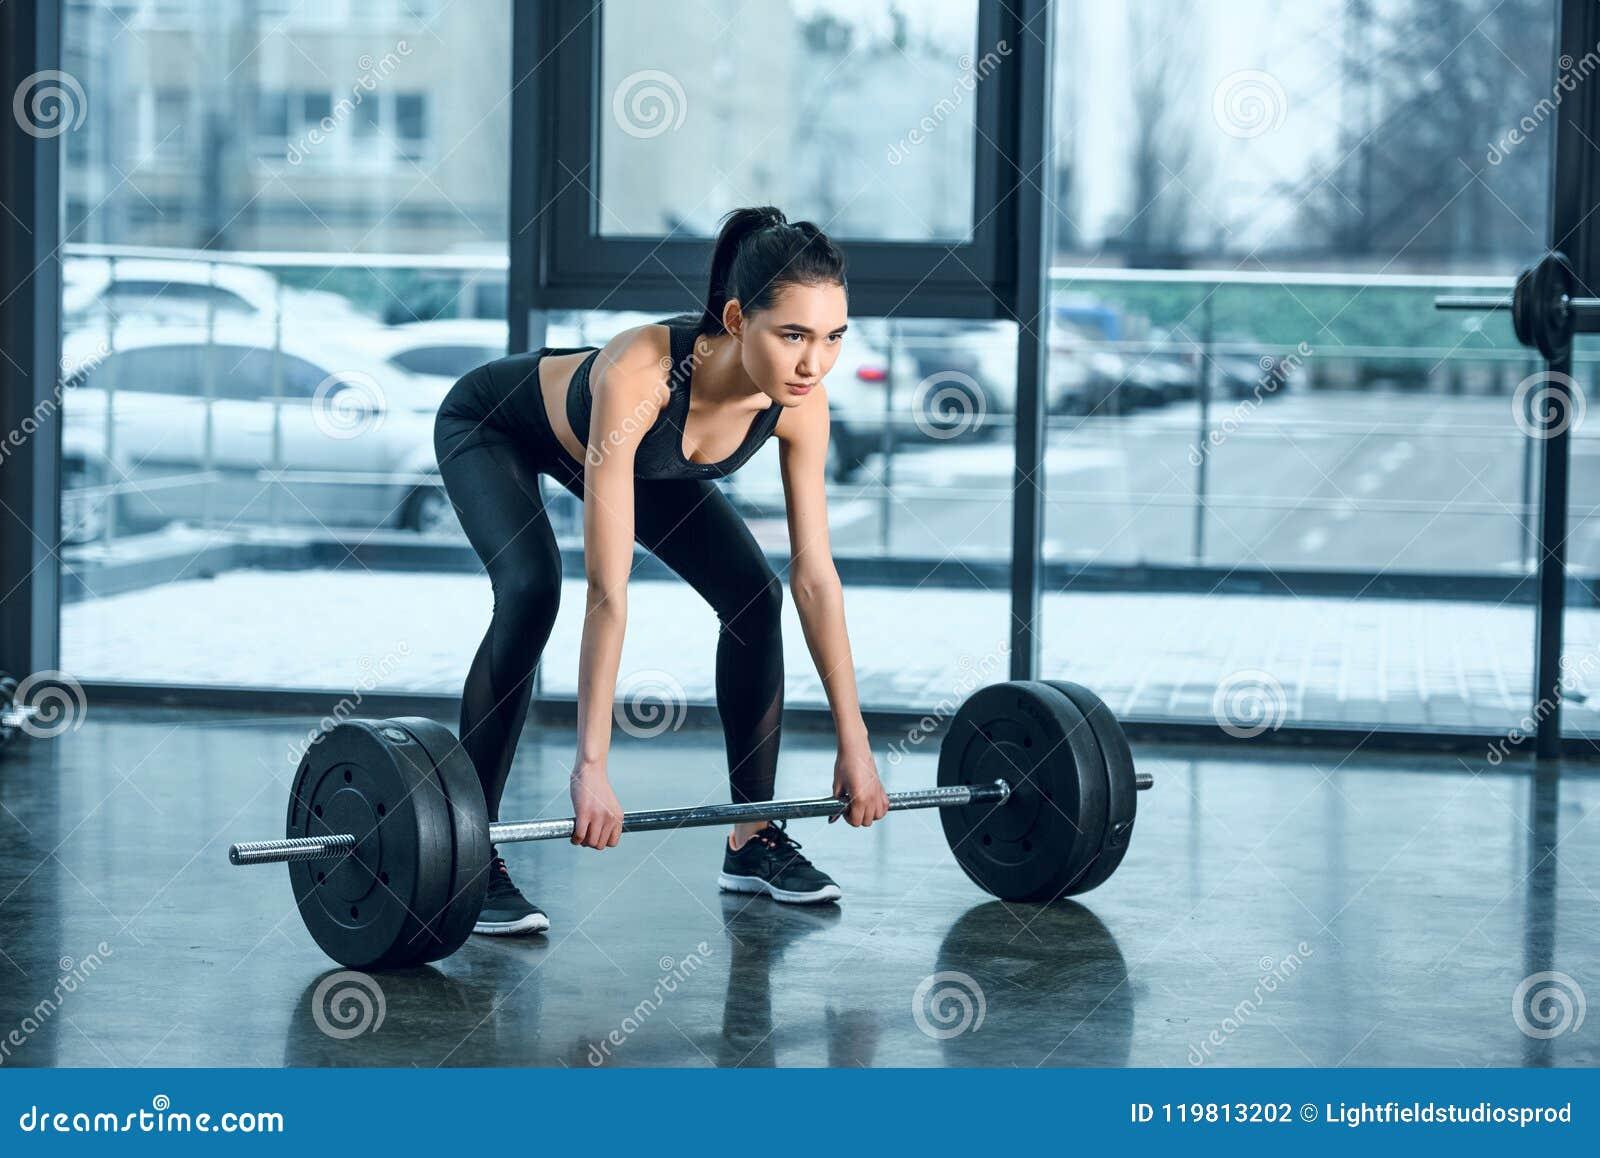 штанга молодой атлетической женщины поднимаясь